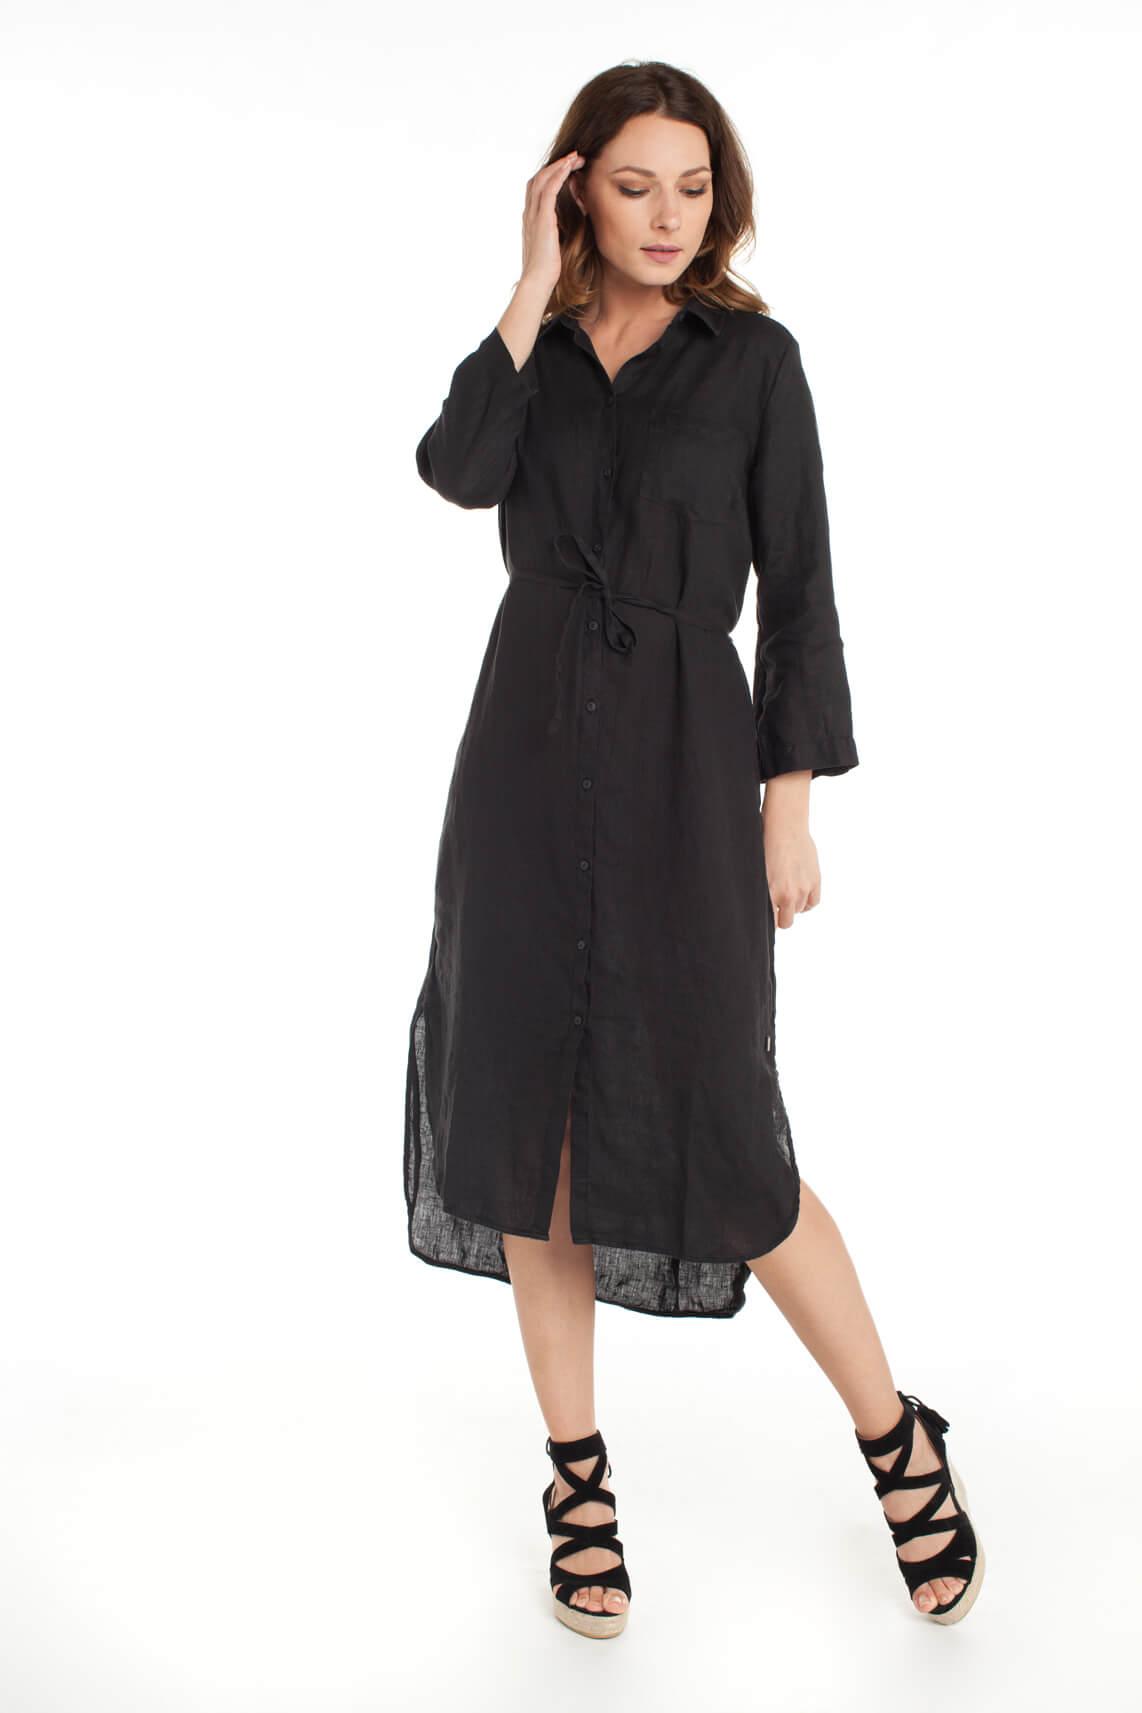 Anna Dames Linnen jurk zwart